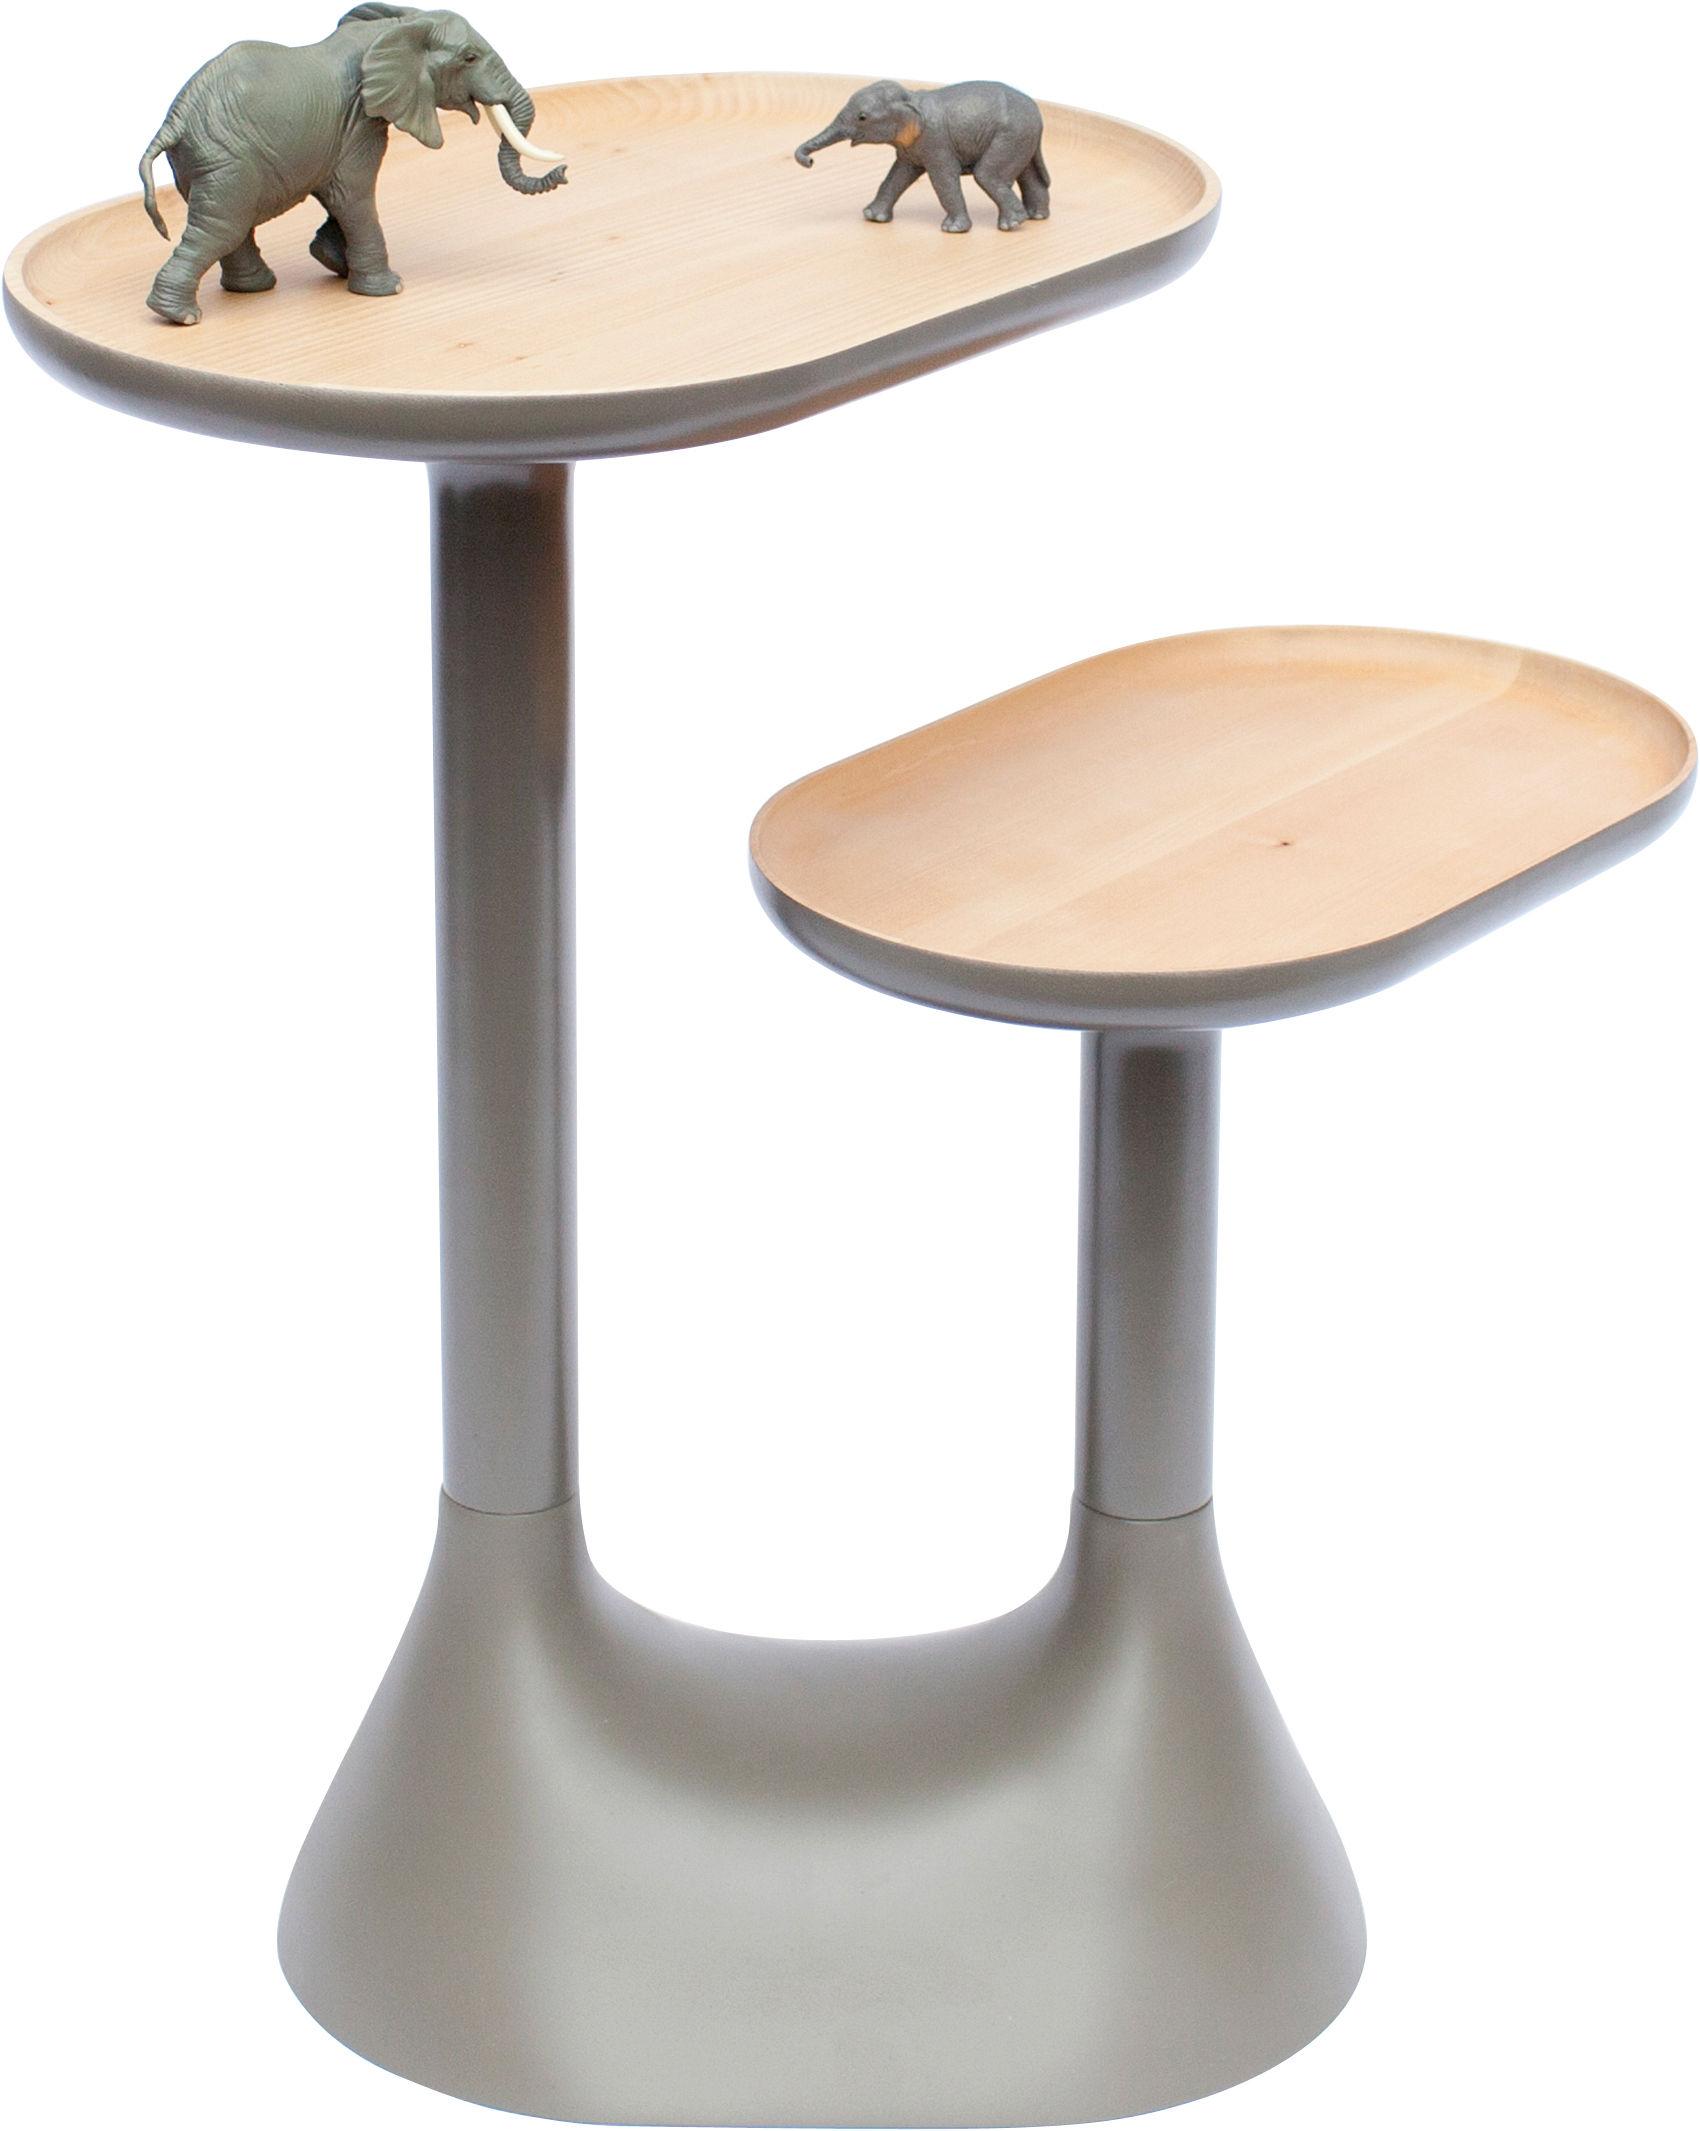 Möbel - Couchtische - Baobab Couchtisch / 2 drehbare Tischplatten - Moustache - Grau - lackierte Buche, Tilleul